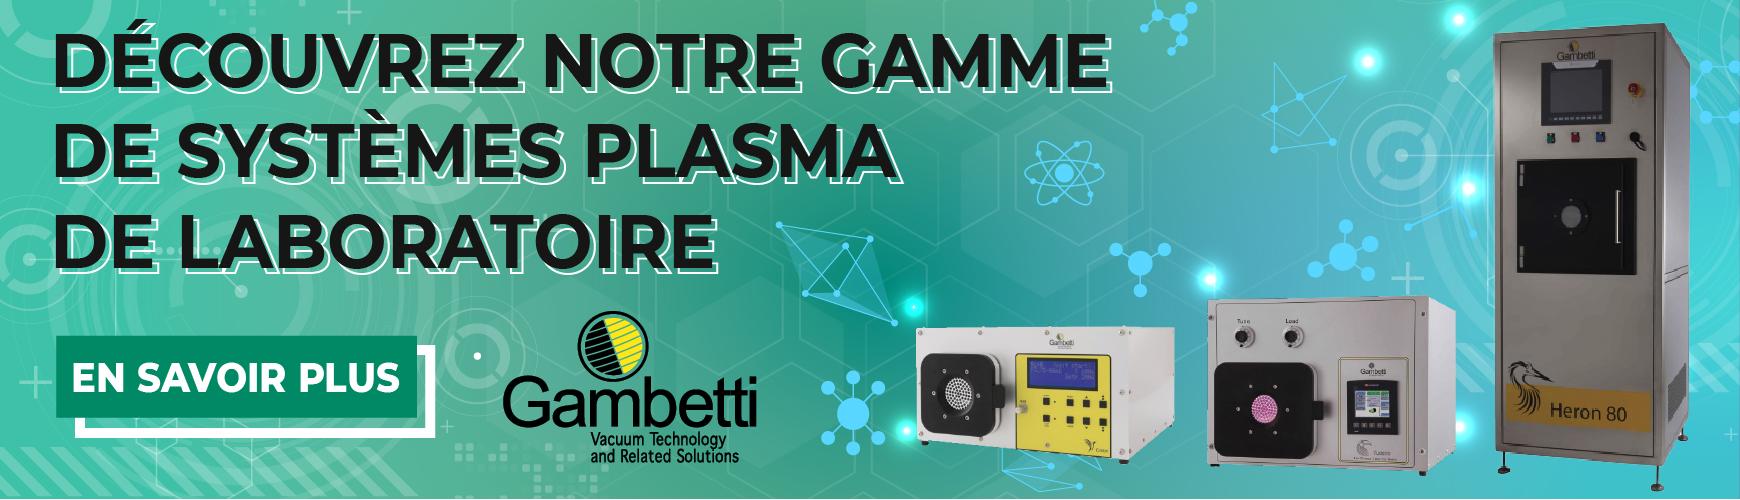 Système plasma de laboratoire - Gambetti